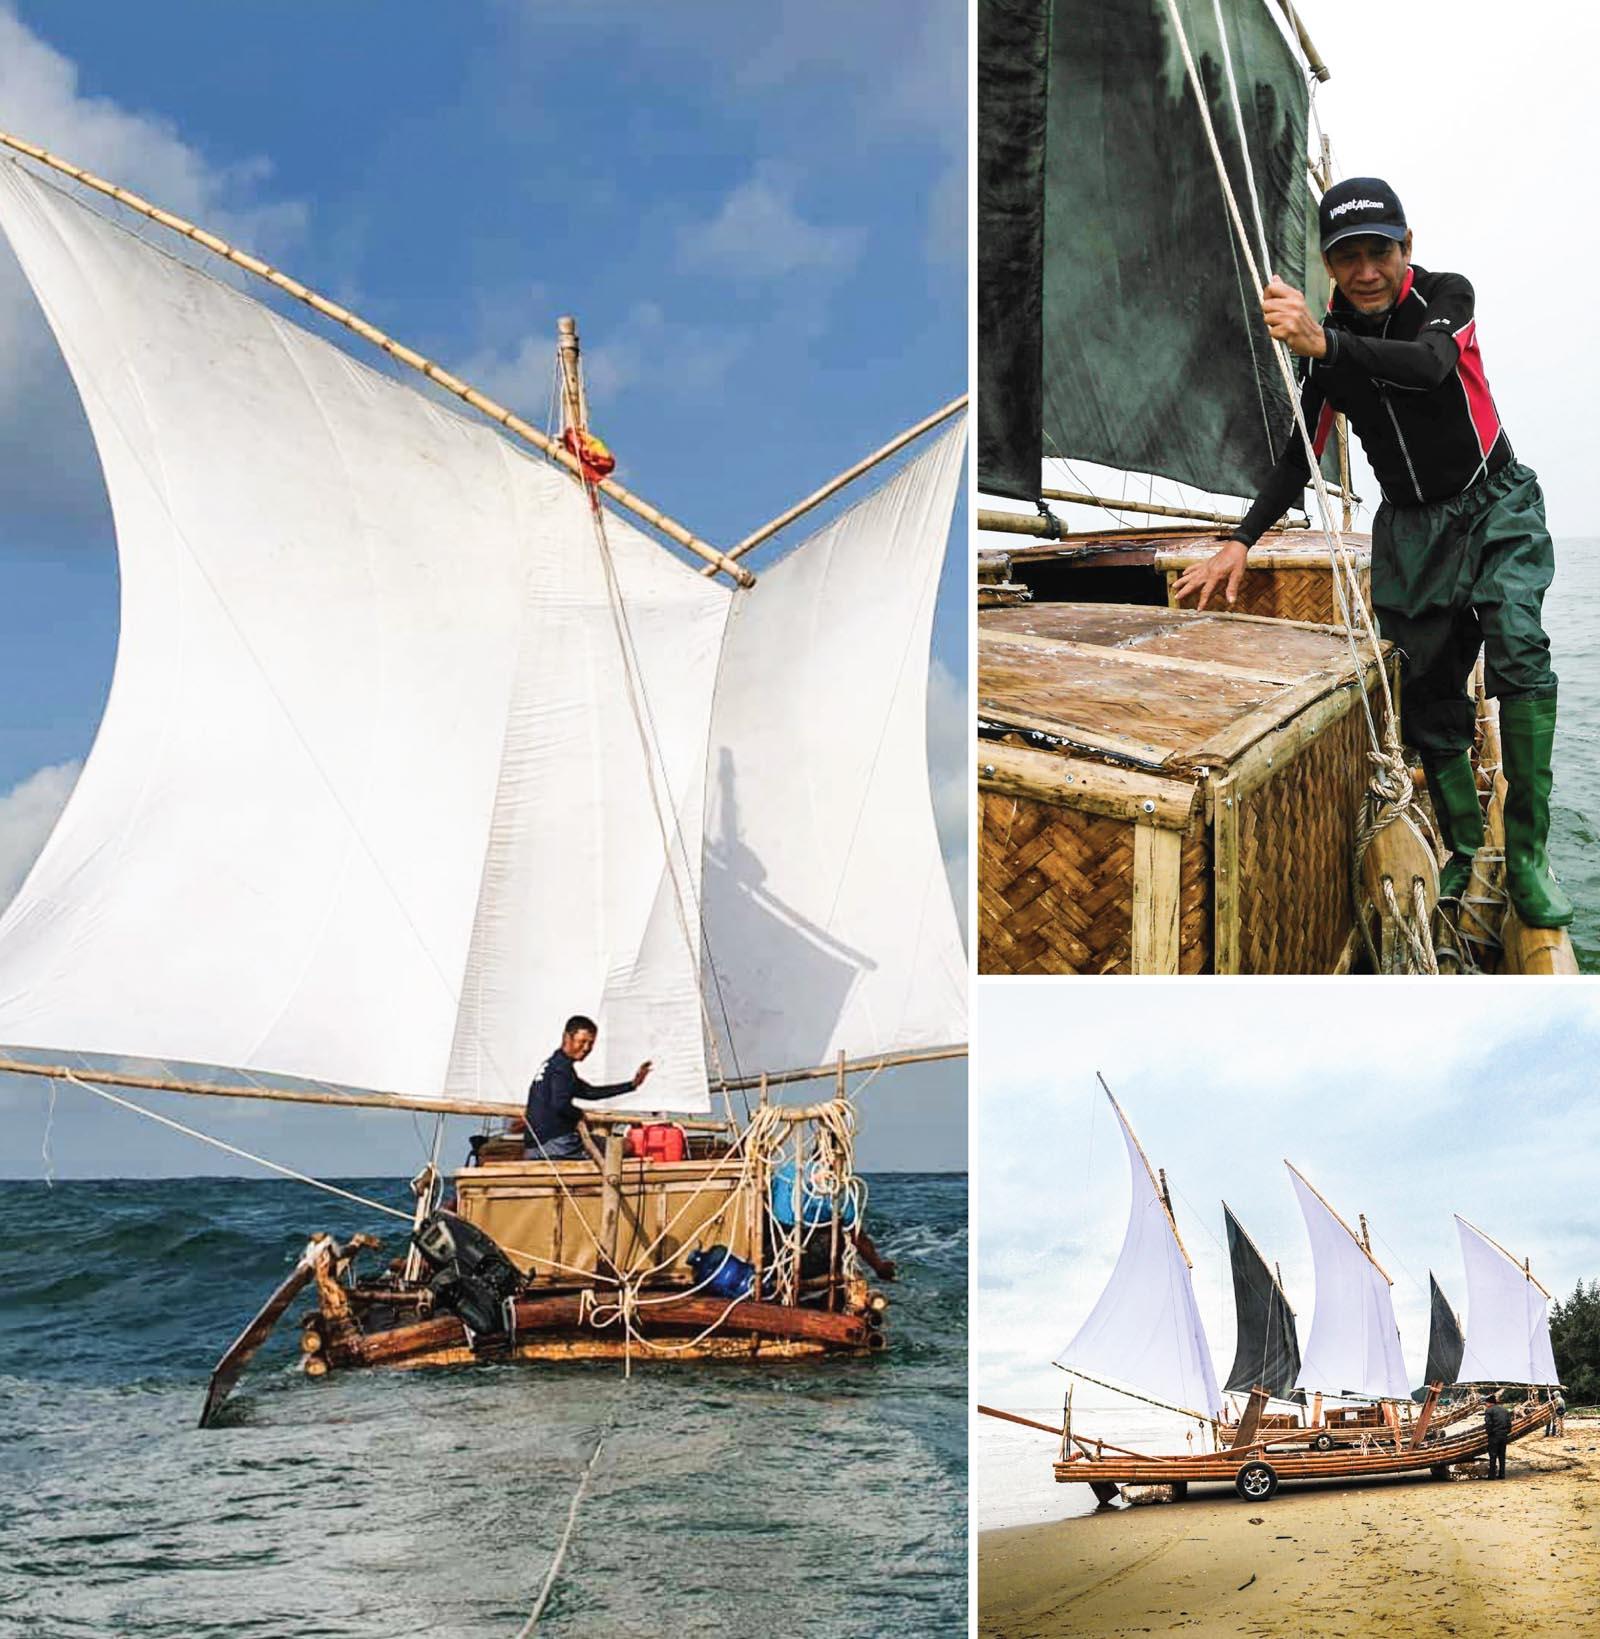 Ông Châu Văn Hùng: Có cộng đồng đủ mạnh, môn thuyền buồm sẽ đóng góp lớn cho du lịch biển 6